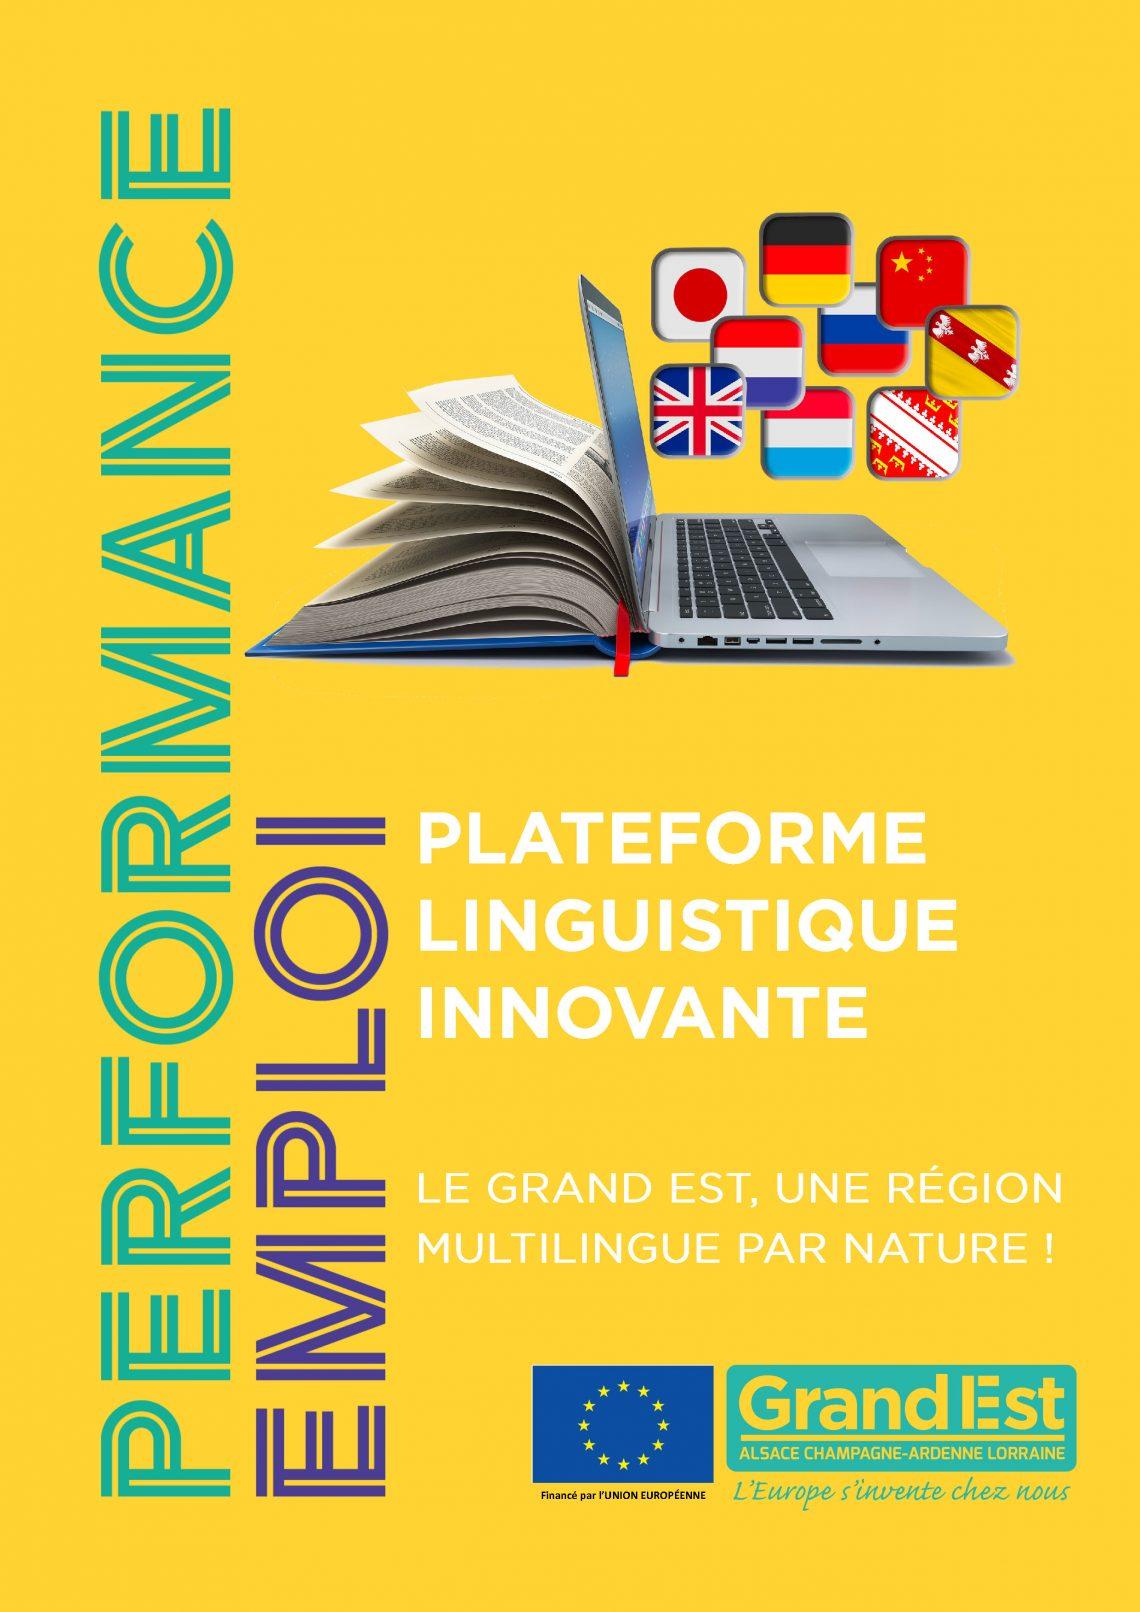 Plateforme linguistique innovante